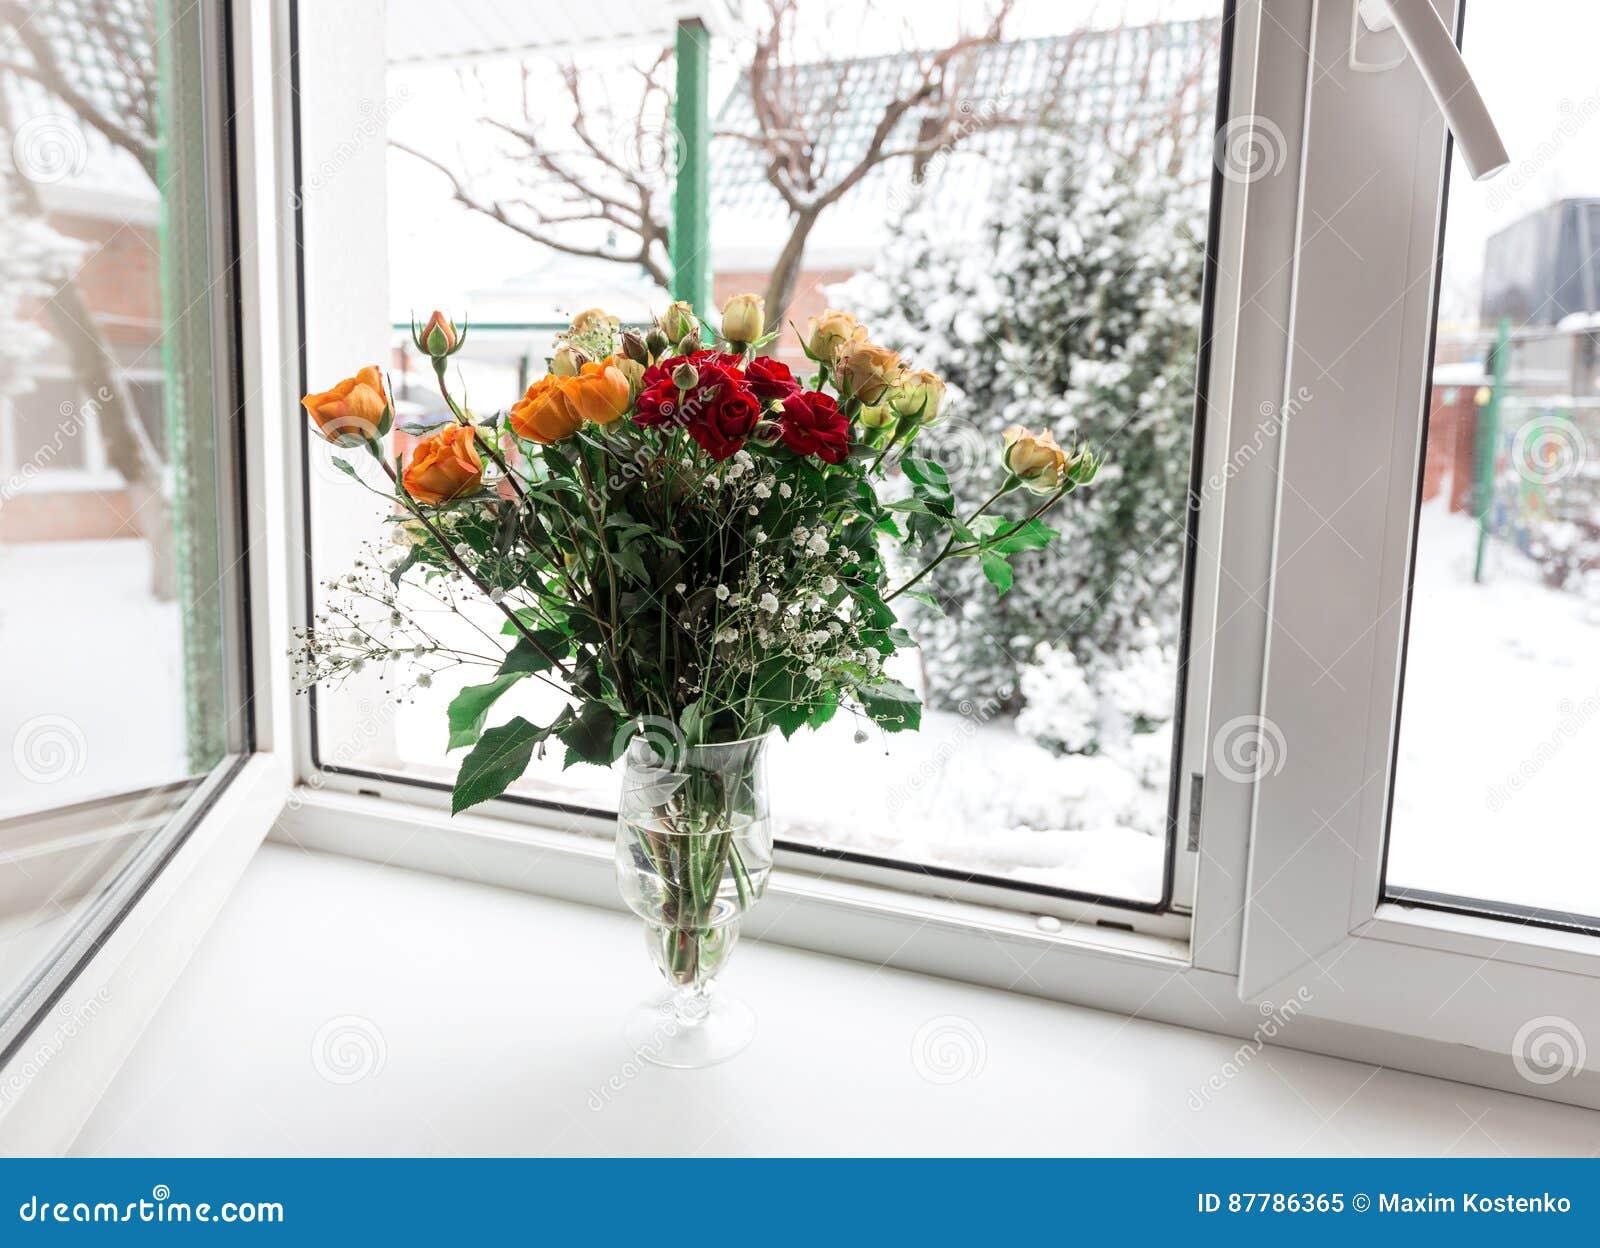 Букеты роз дома на окне #5